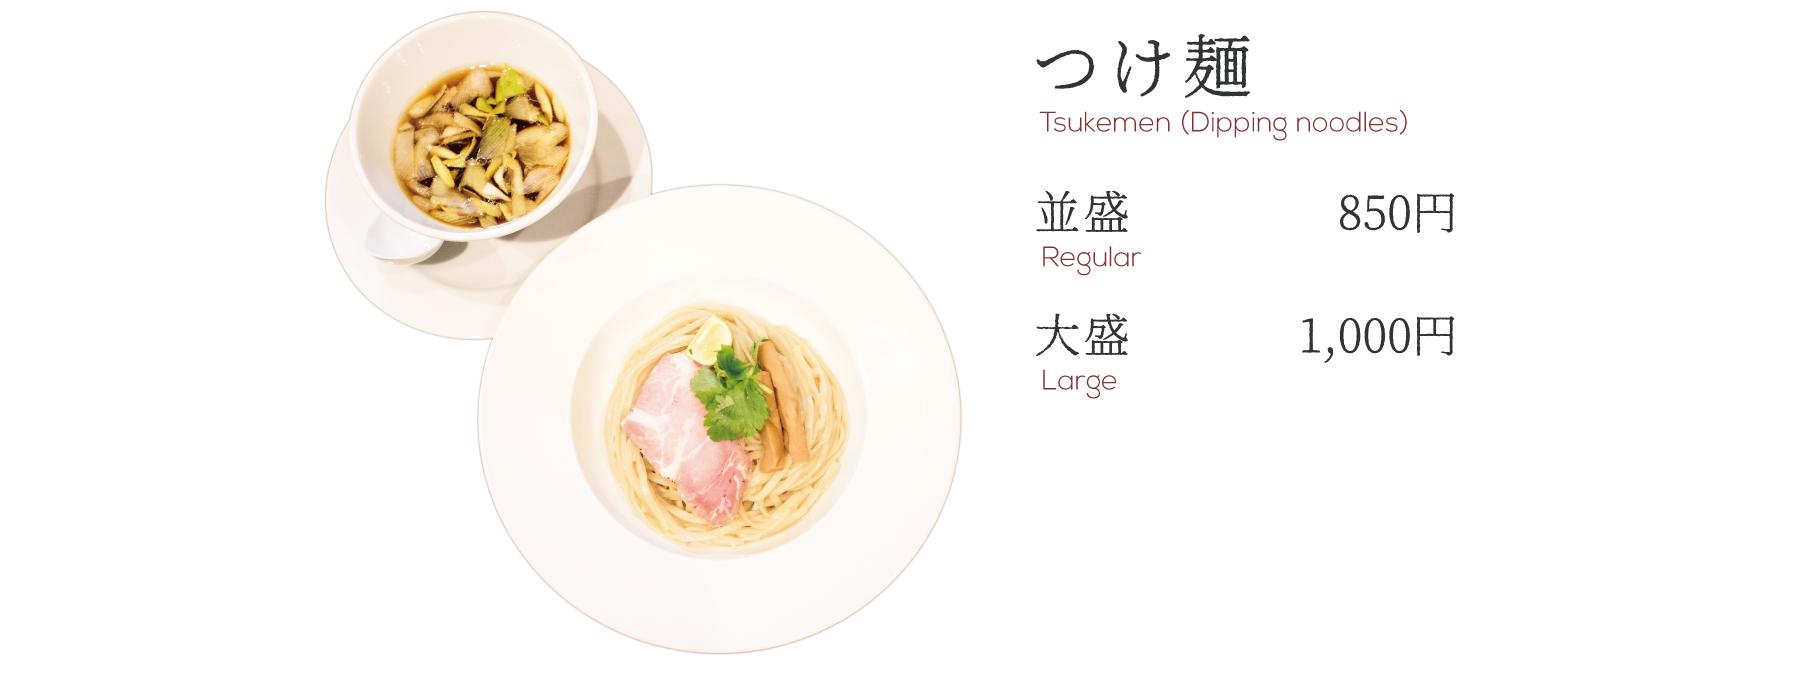 つけ麺並盛り850円、大盛1,000円